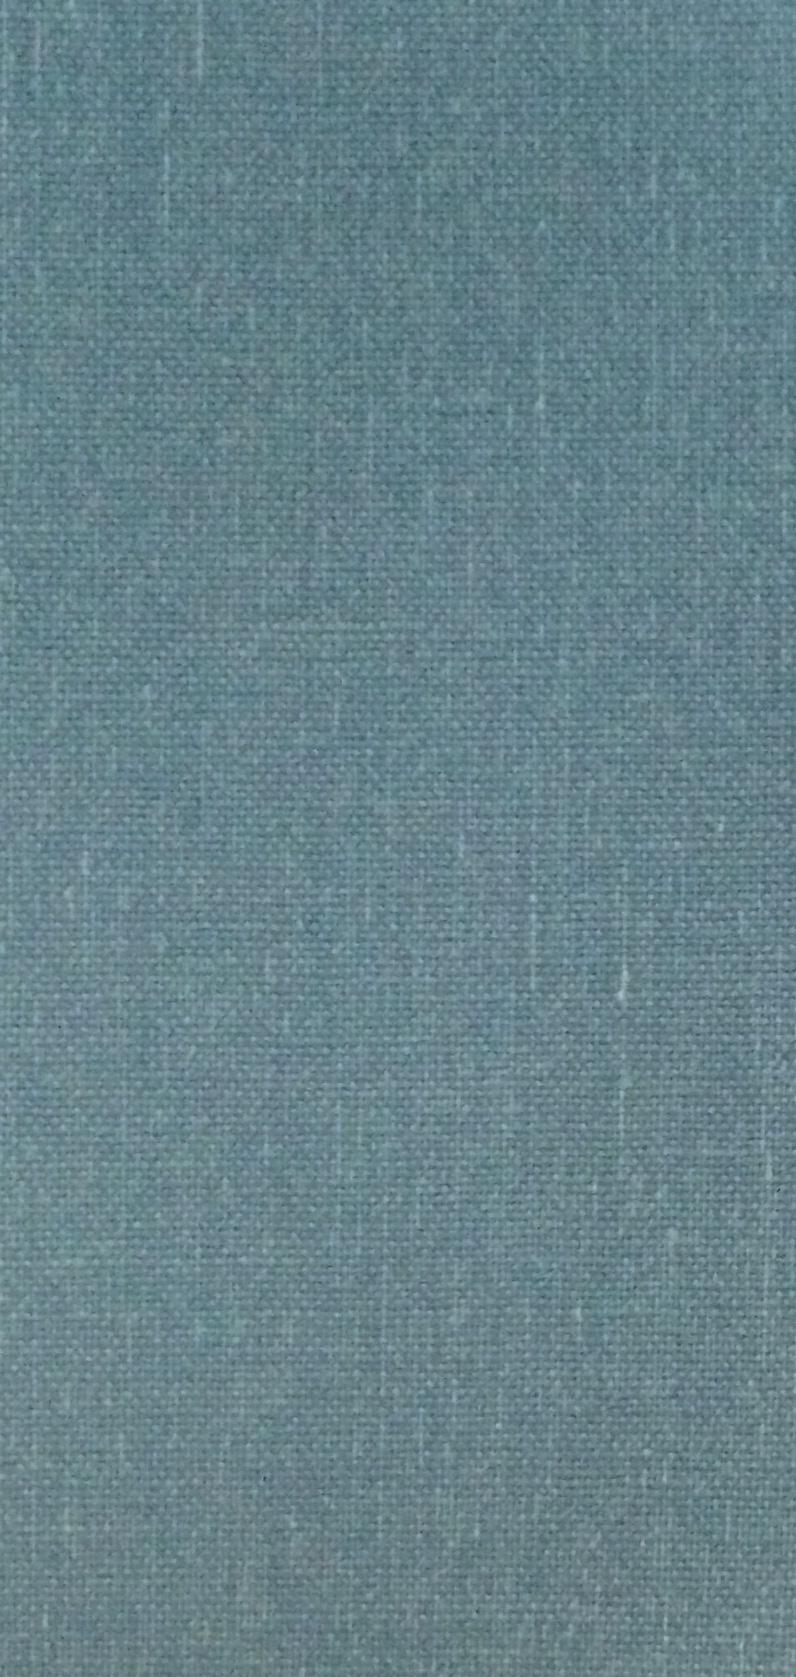 Arrestox Blue Twine Linen